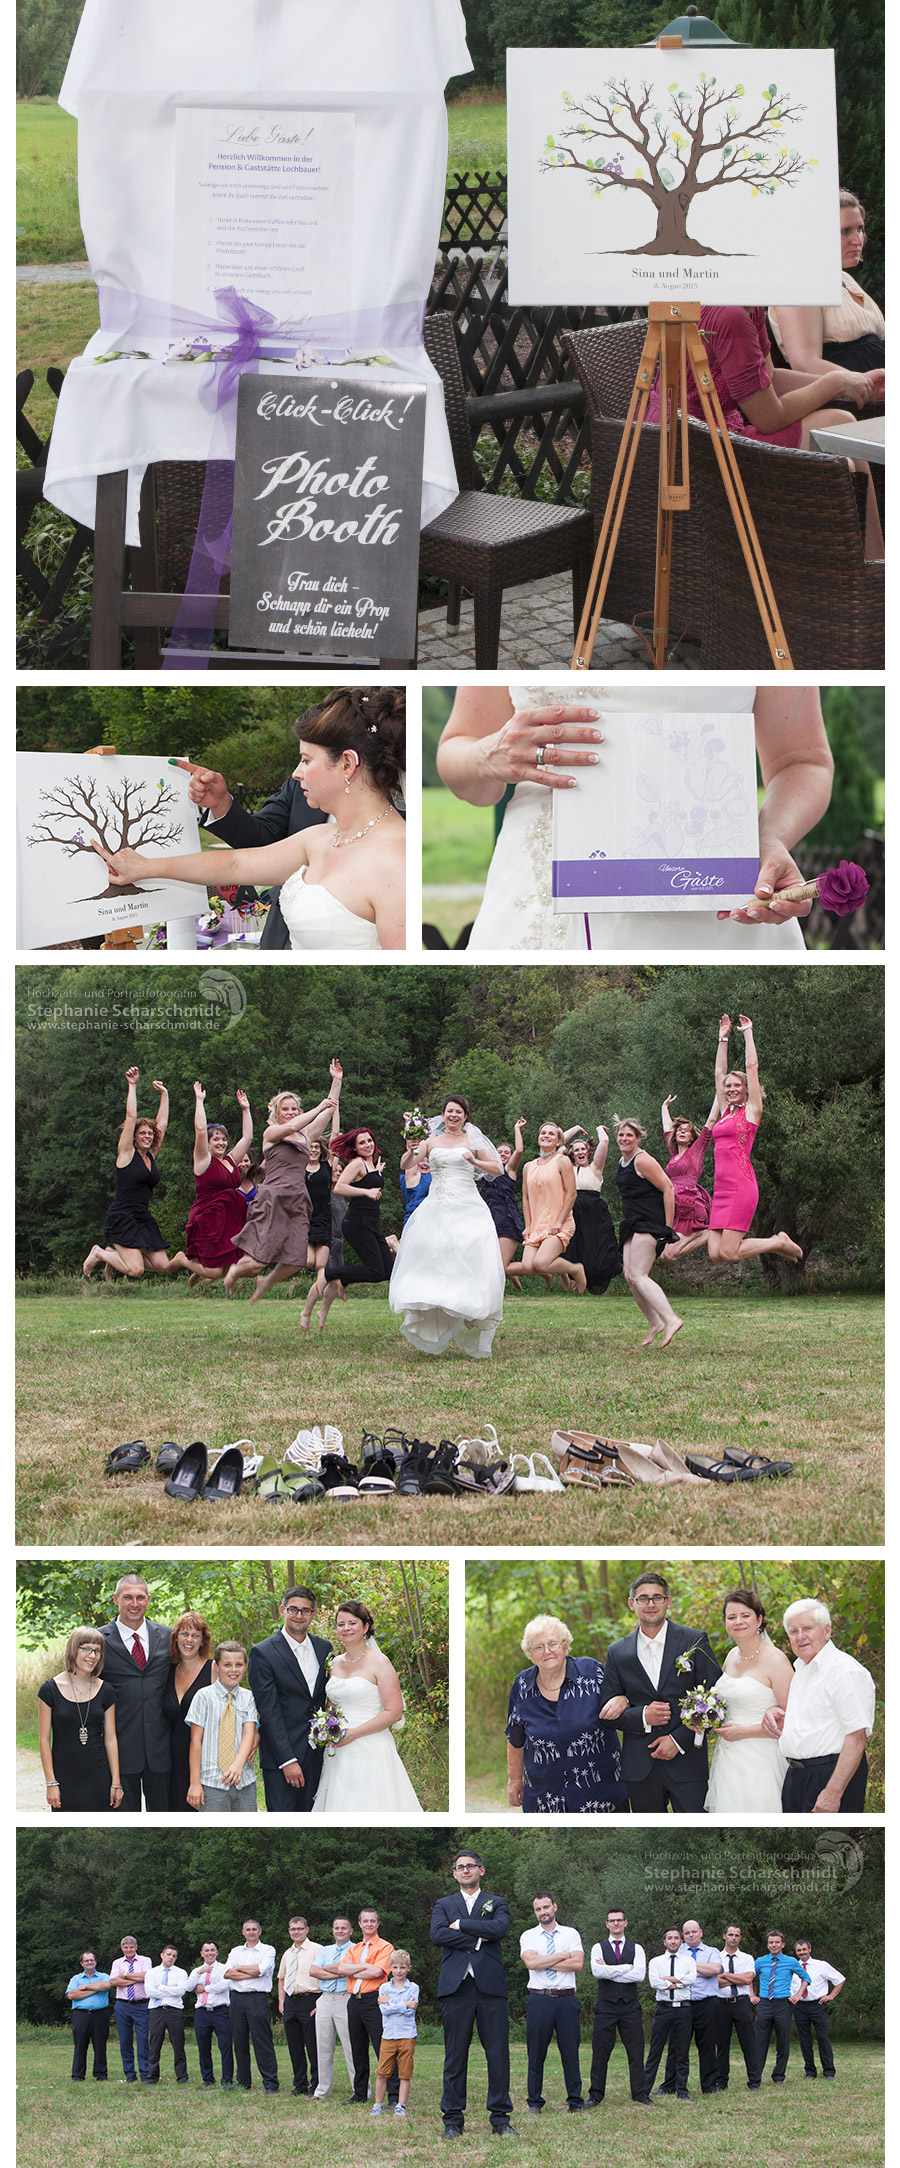 ausgefallene Gruppenfotos auf Hochzeit in der Pension und Restaurant Lochbauer in Plauen – Stephanie Scharschmidt Hochzeitsfotograf Plauen